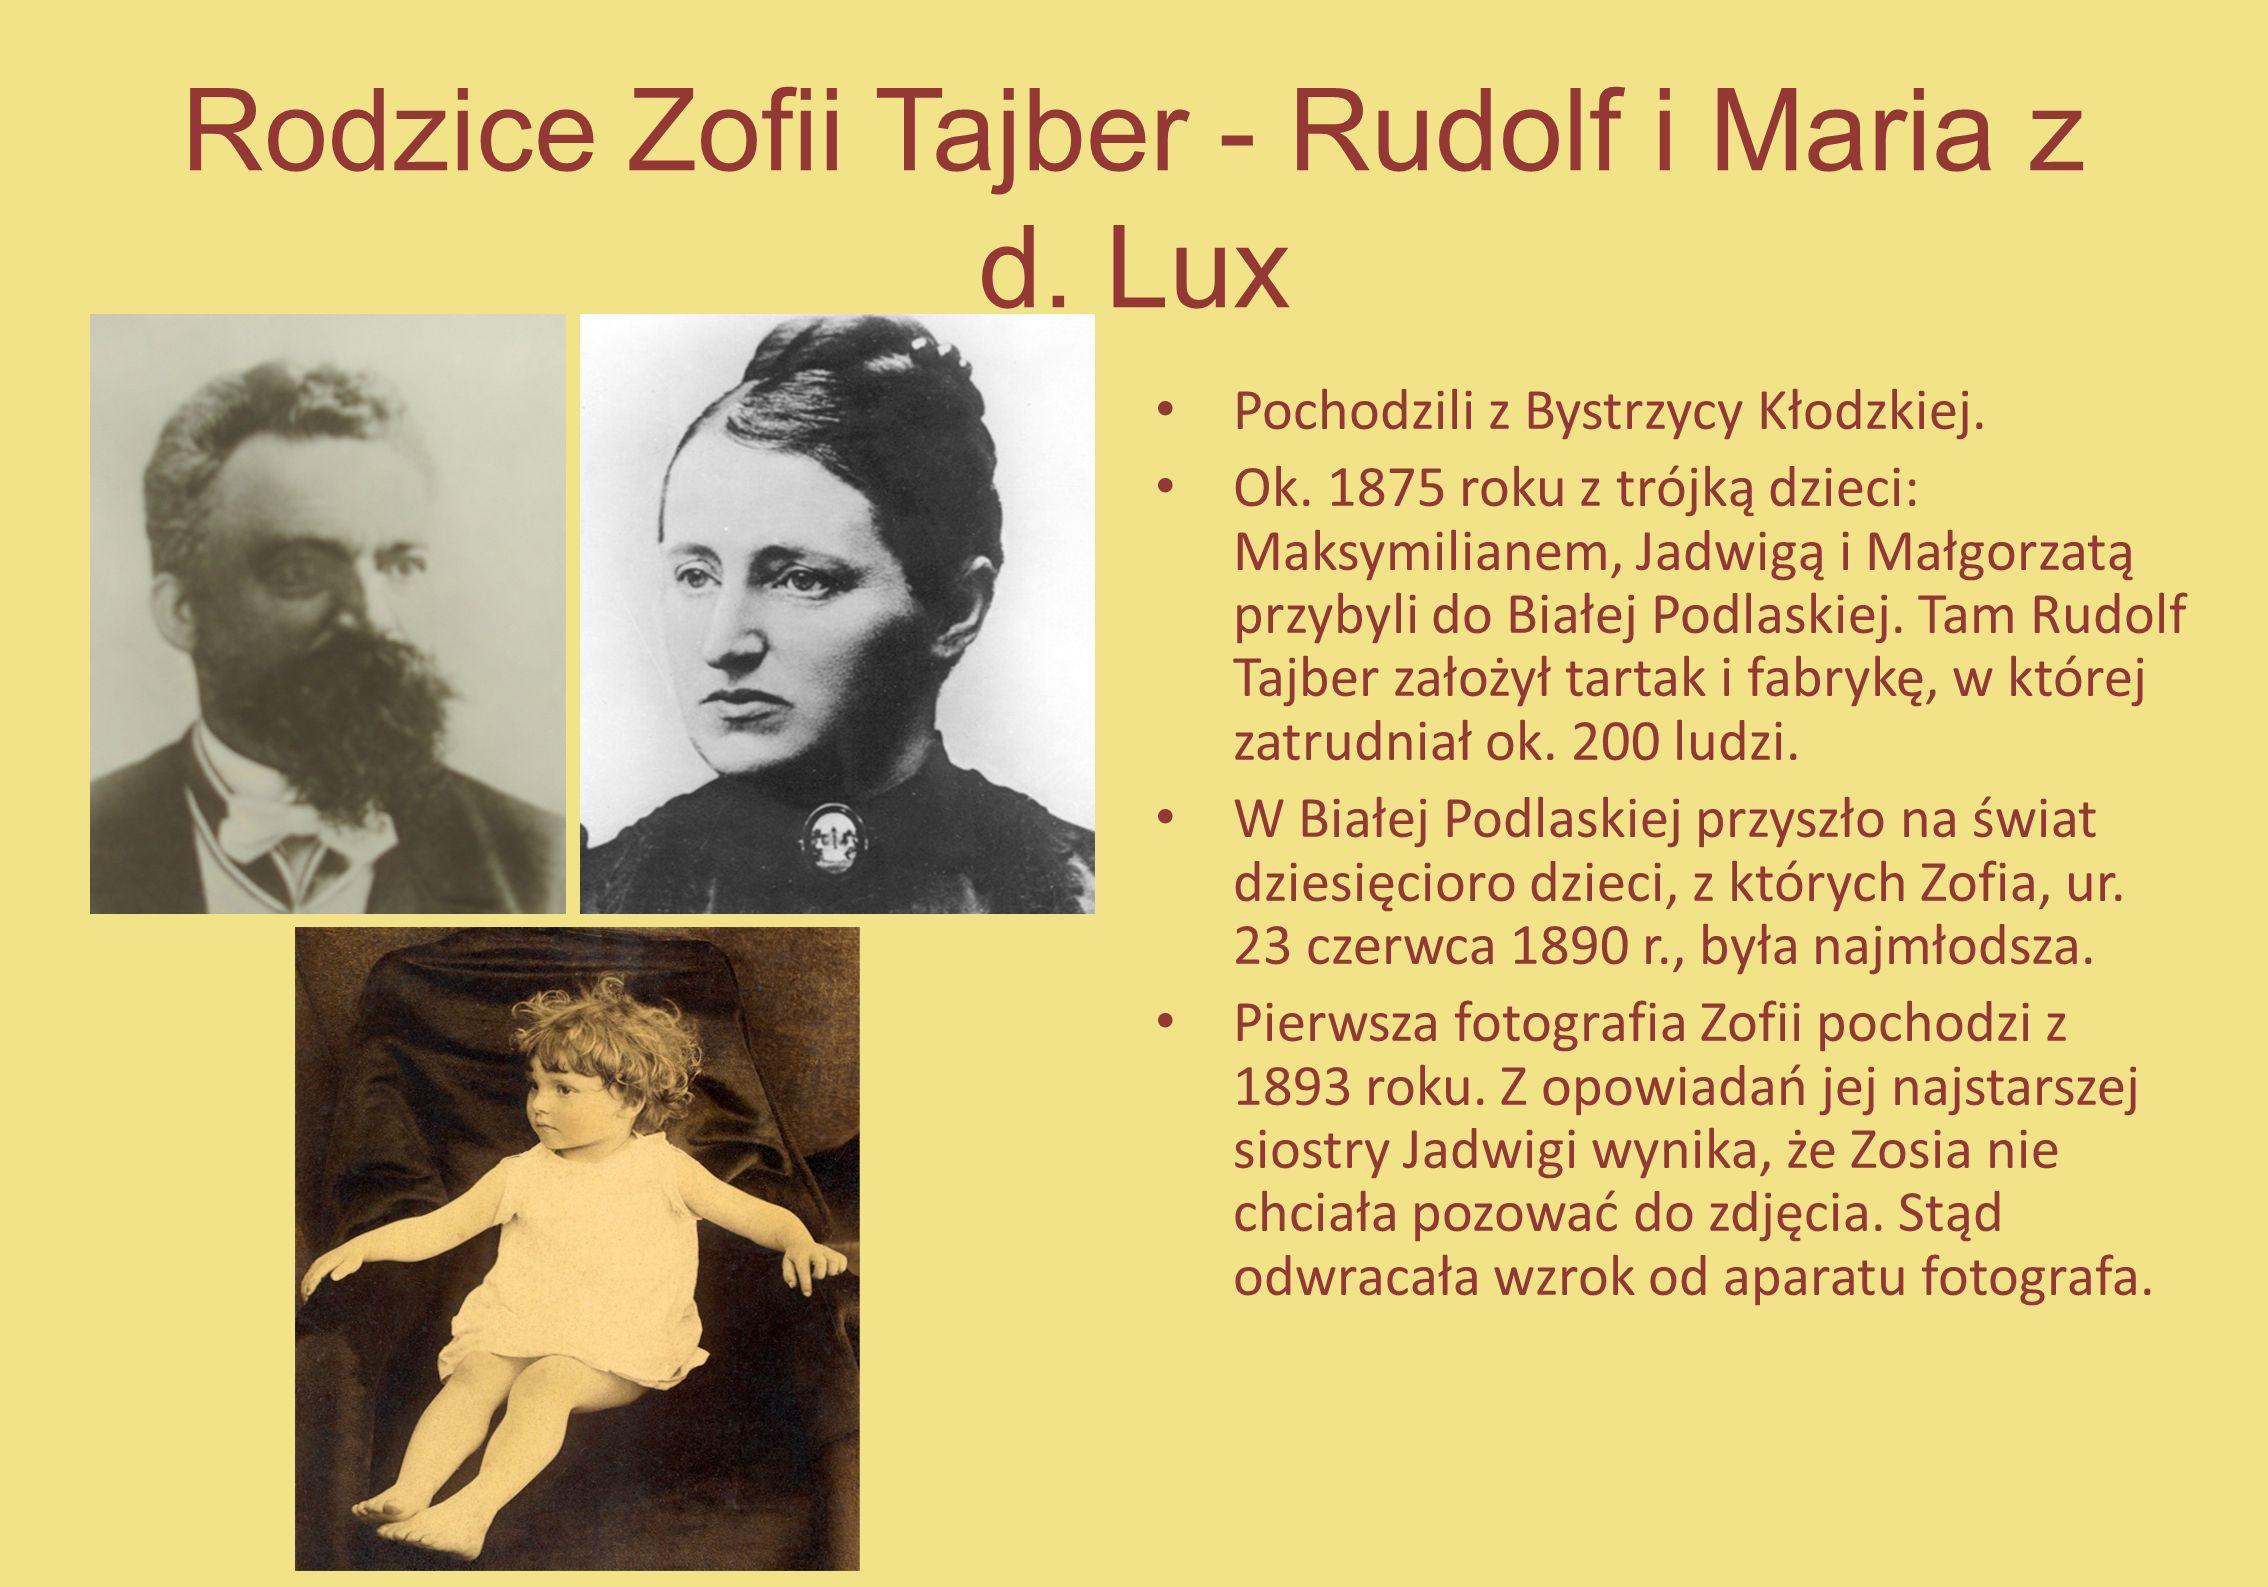 Rodzice Zofii Tajber - Rudolf i Maria z d. Lux Pochodzili z Bystrzycy Kłodzkiej. Ok. 1875 roku z trójką dzieci: Maksymilianem, Jadwigą i Małgorzatą pr